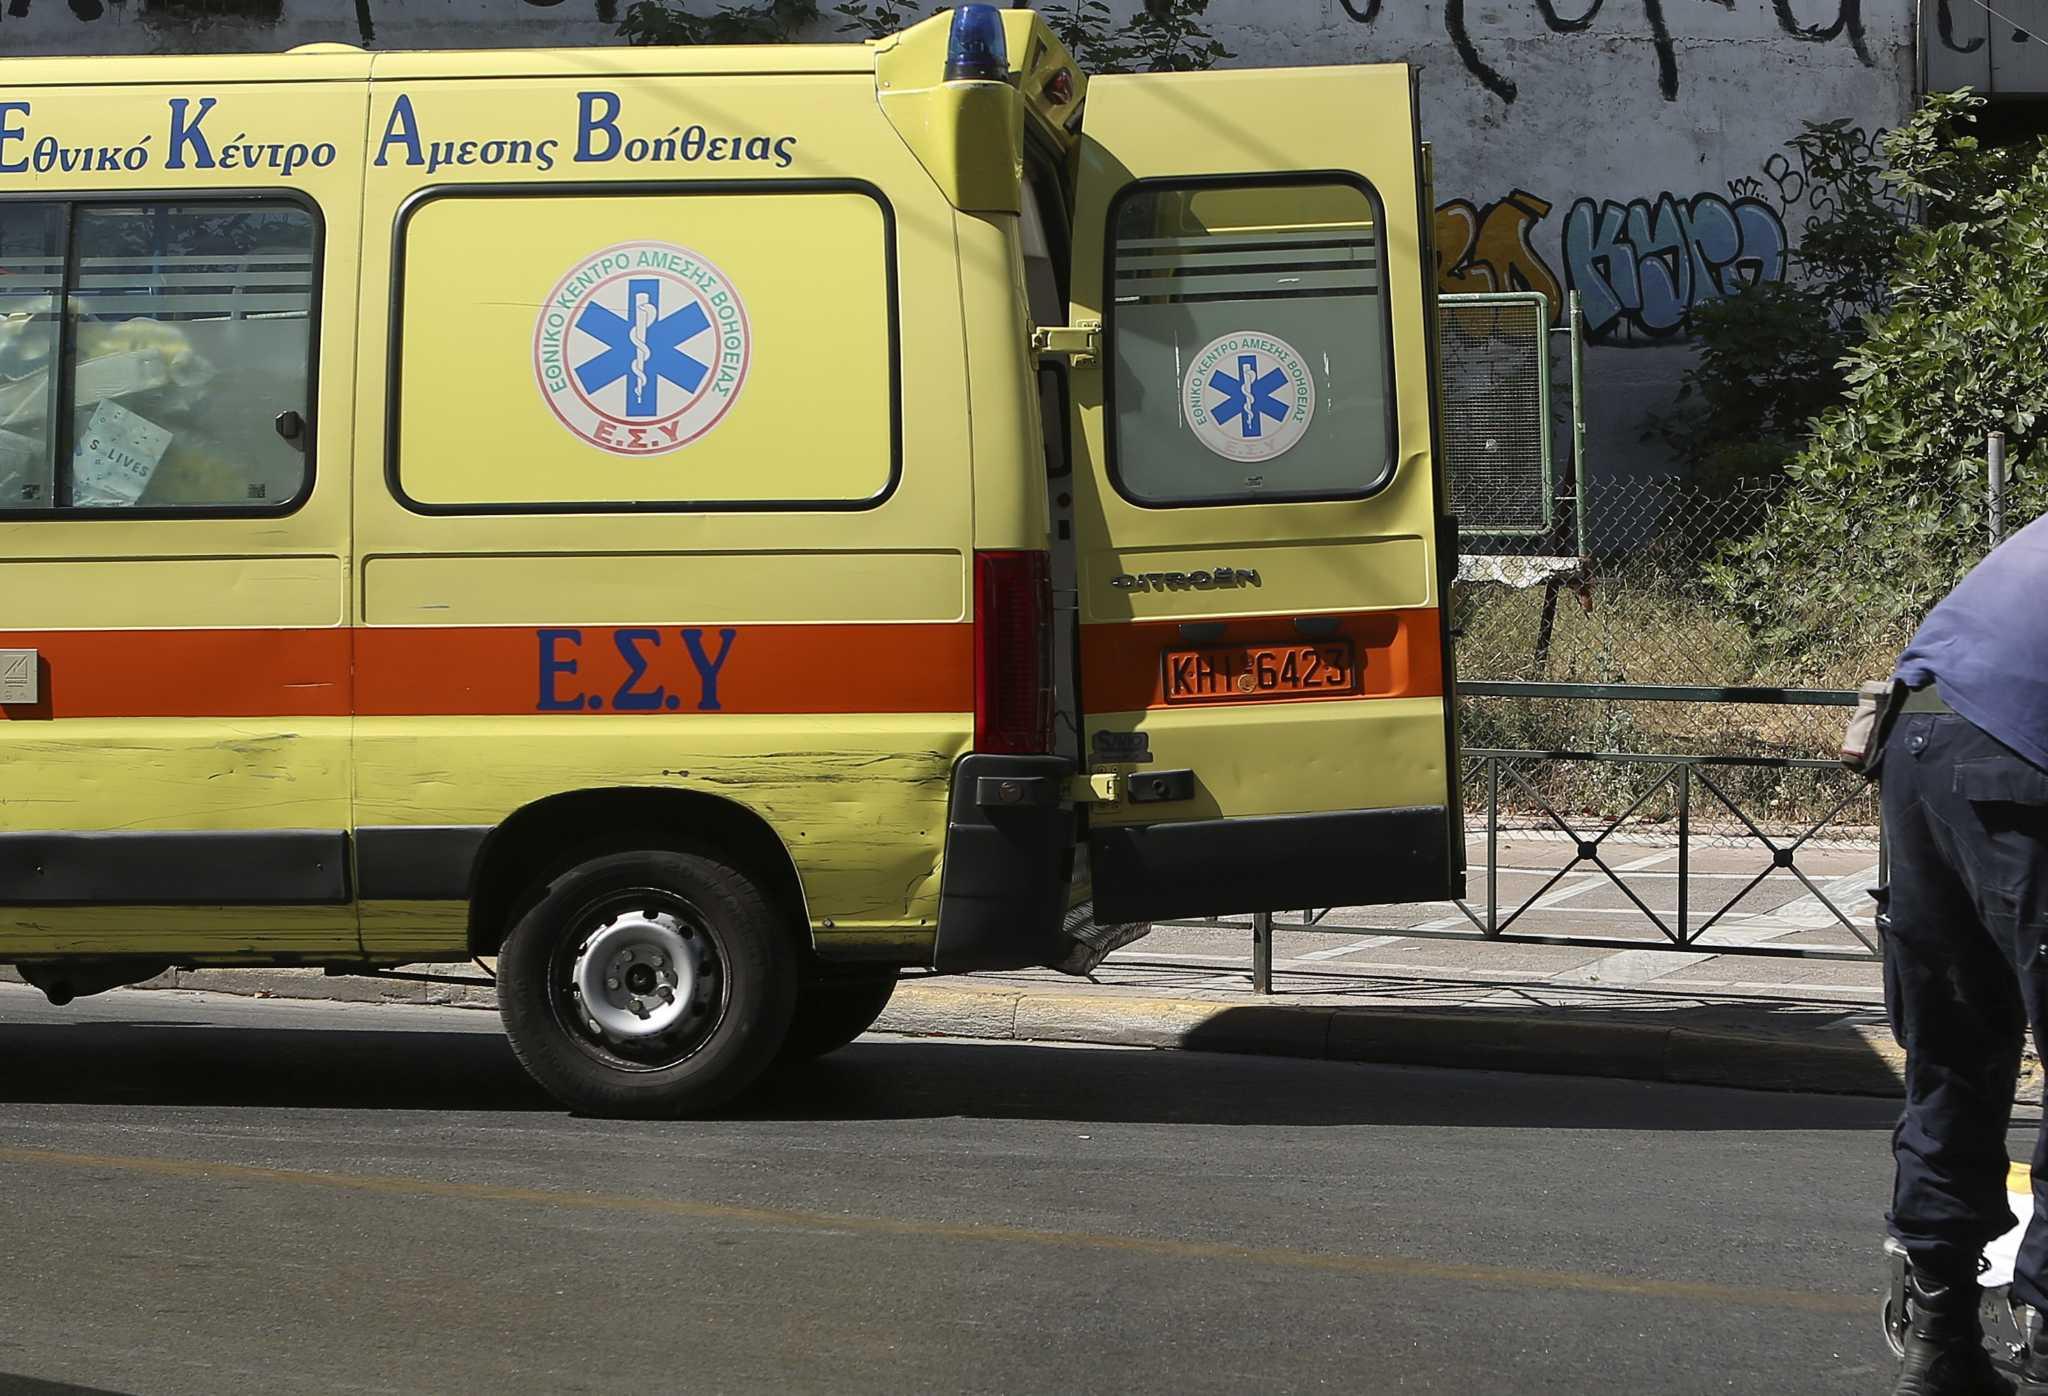 Τροχαίο με αυτοκίνητο γεμάτο μετανάστες στην Αλεξανδρούπολη